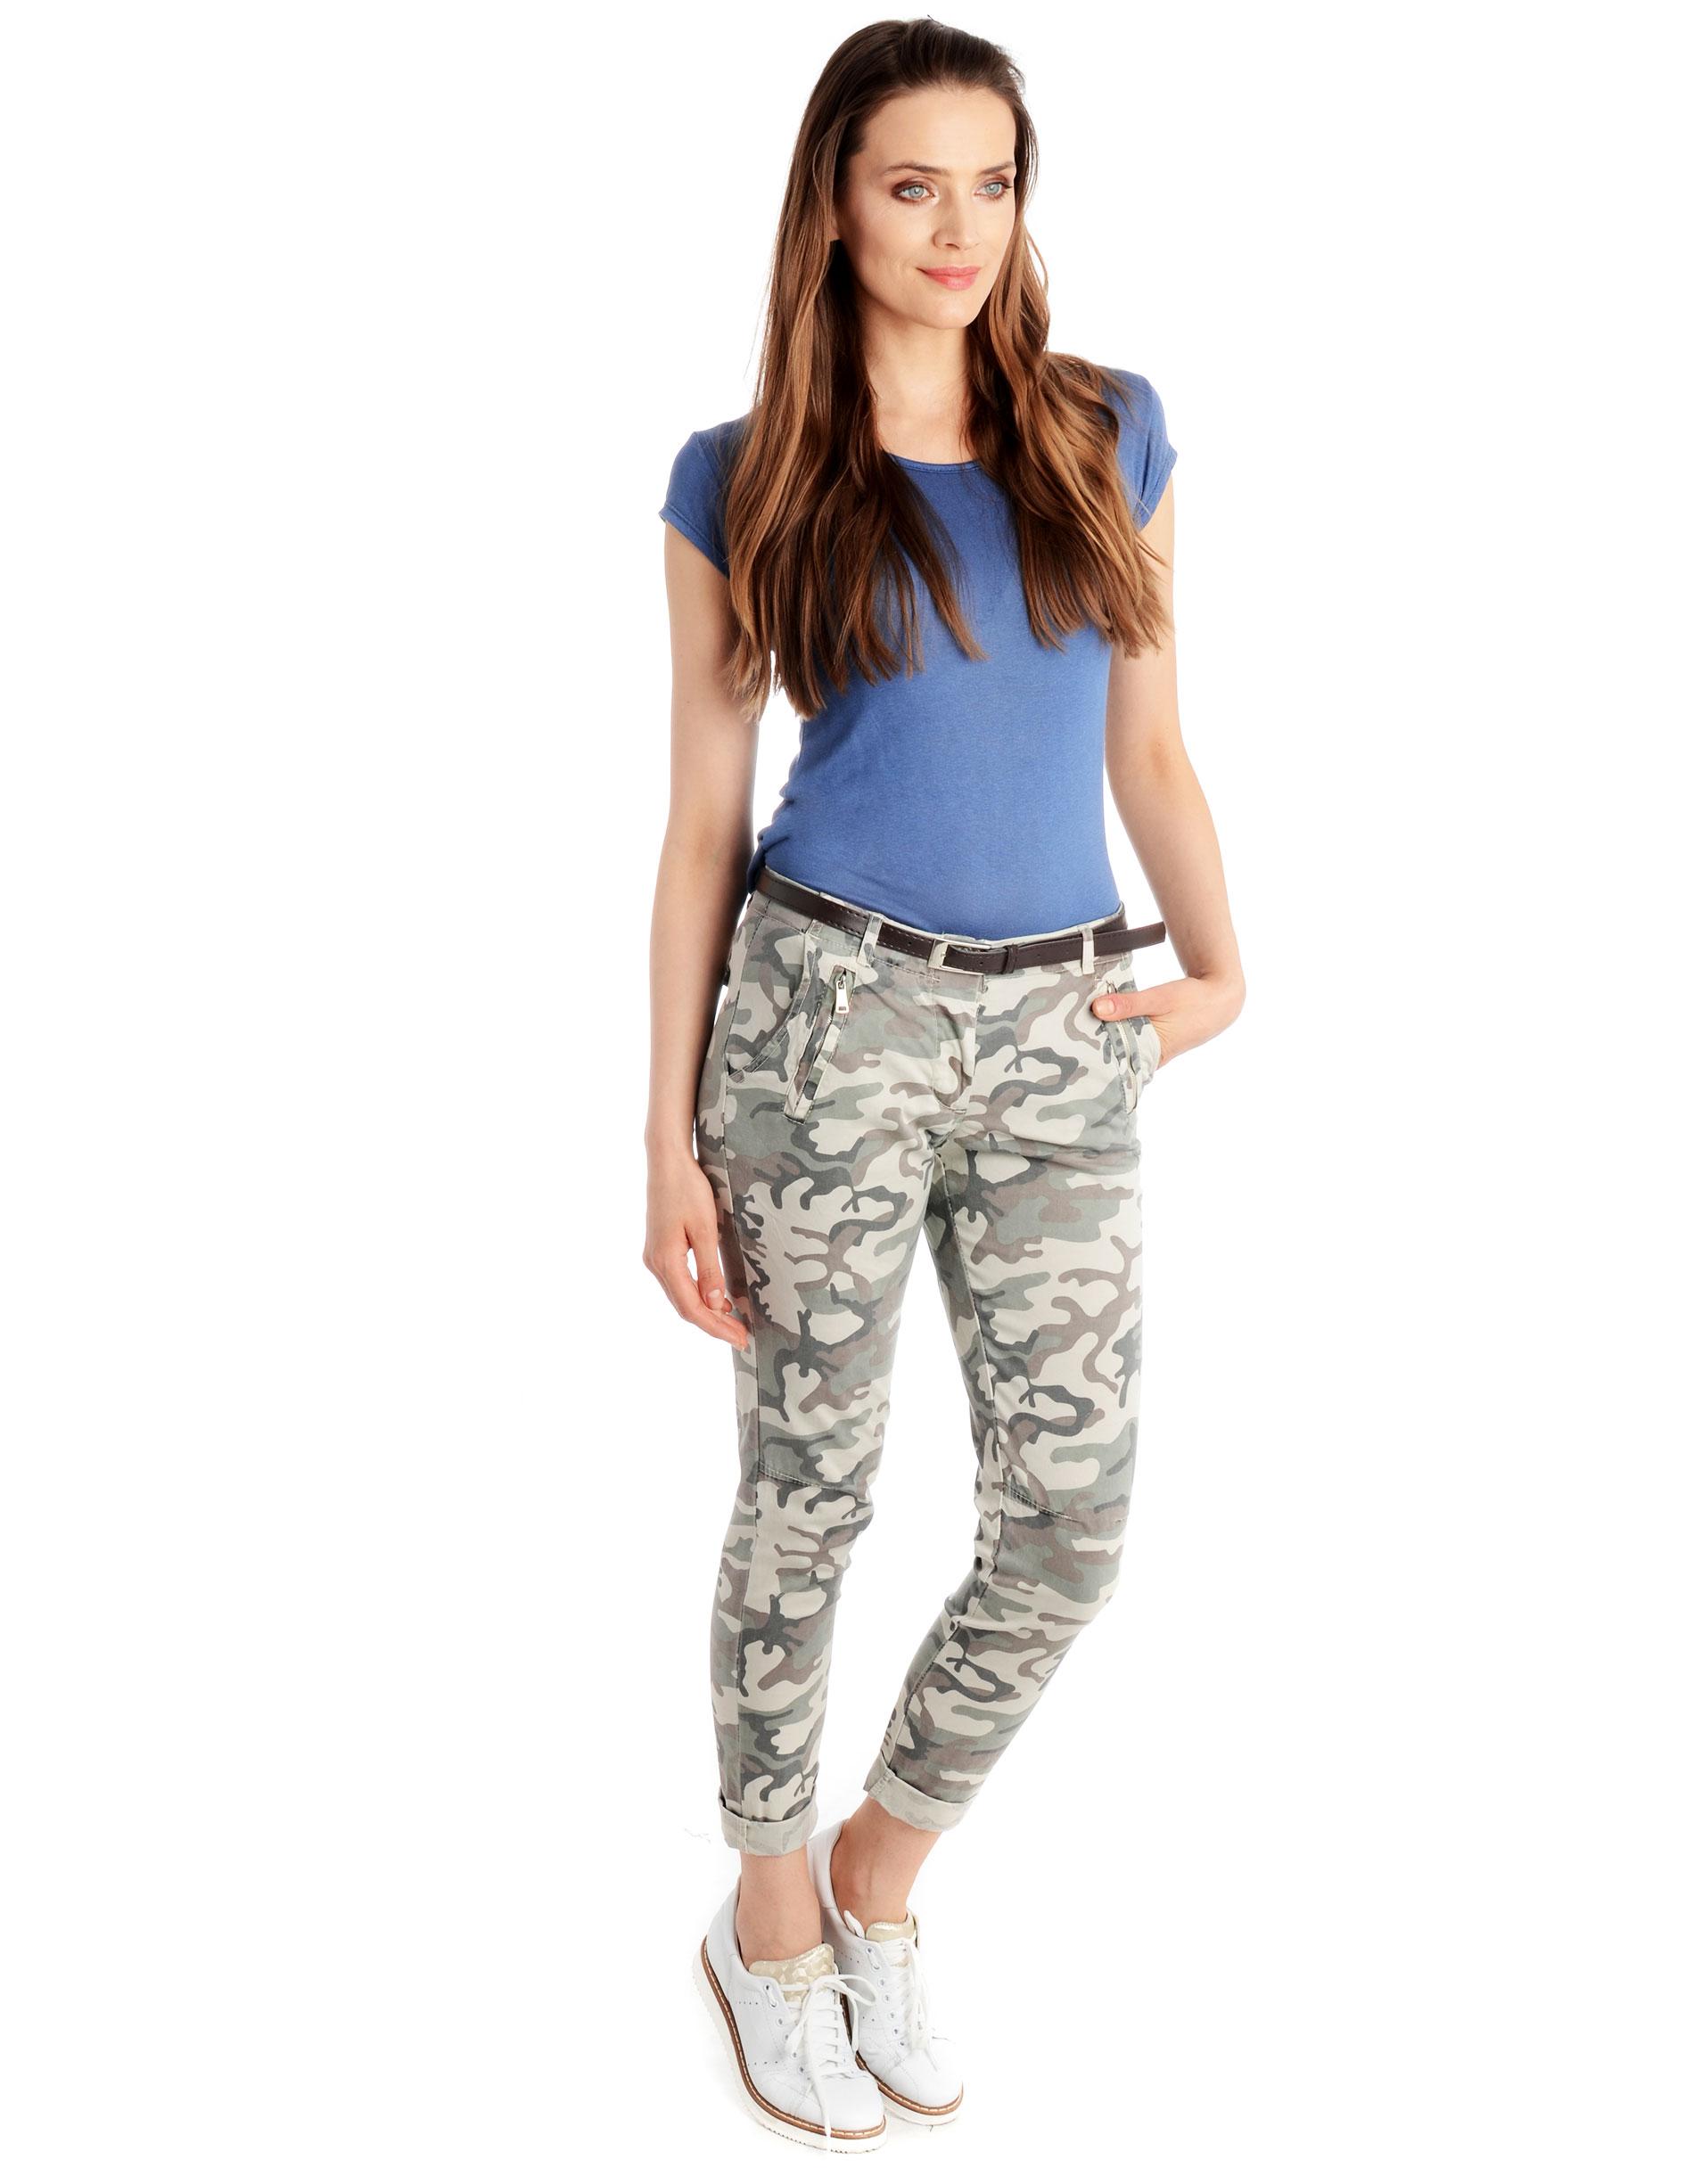 Spodnie - 146-168124 BE - Unisono